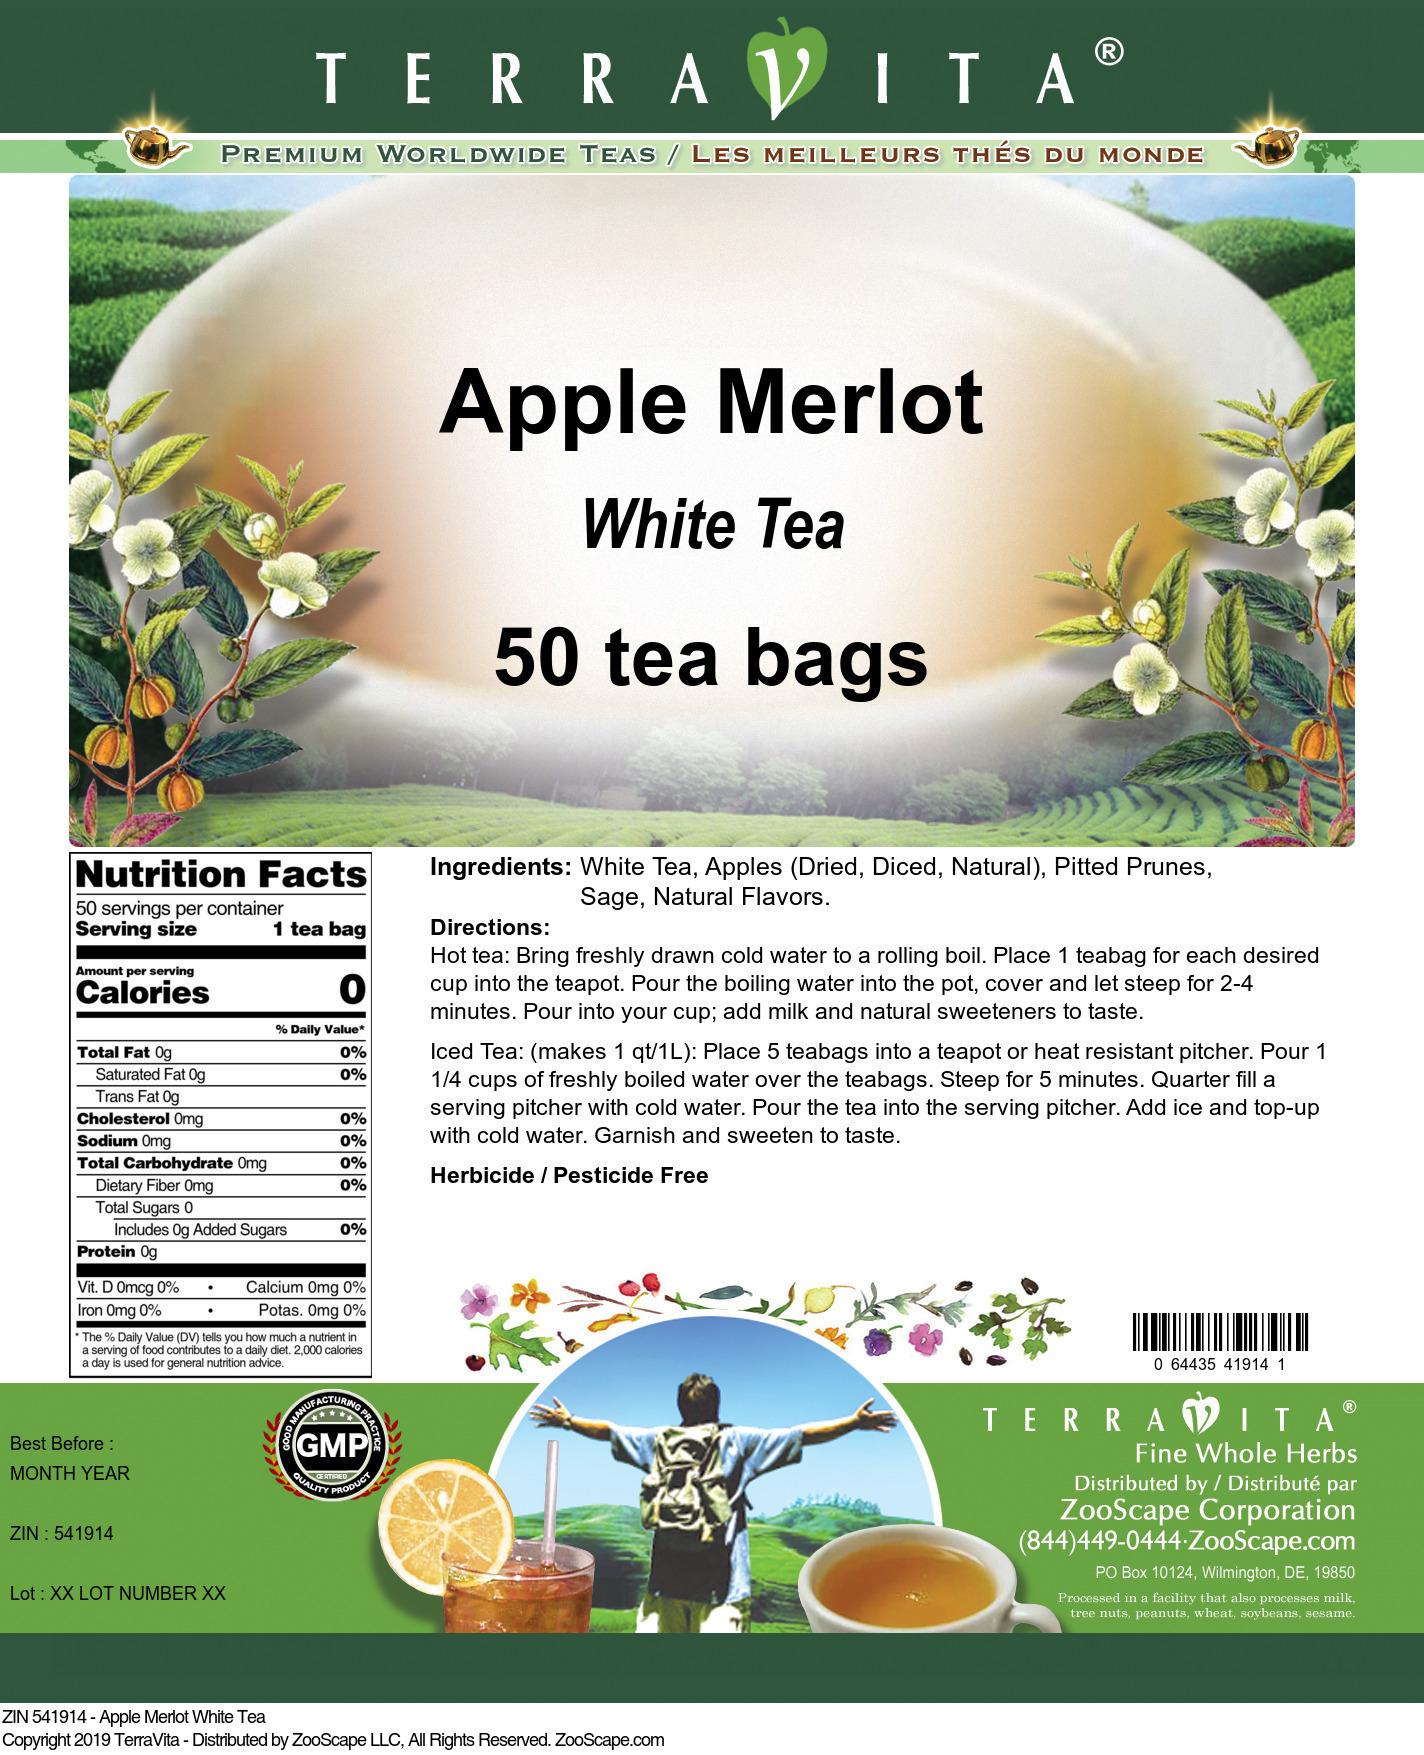 Apple Merlot White Tea